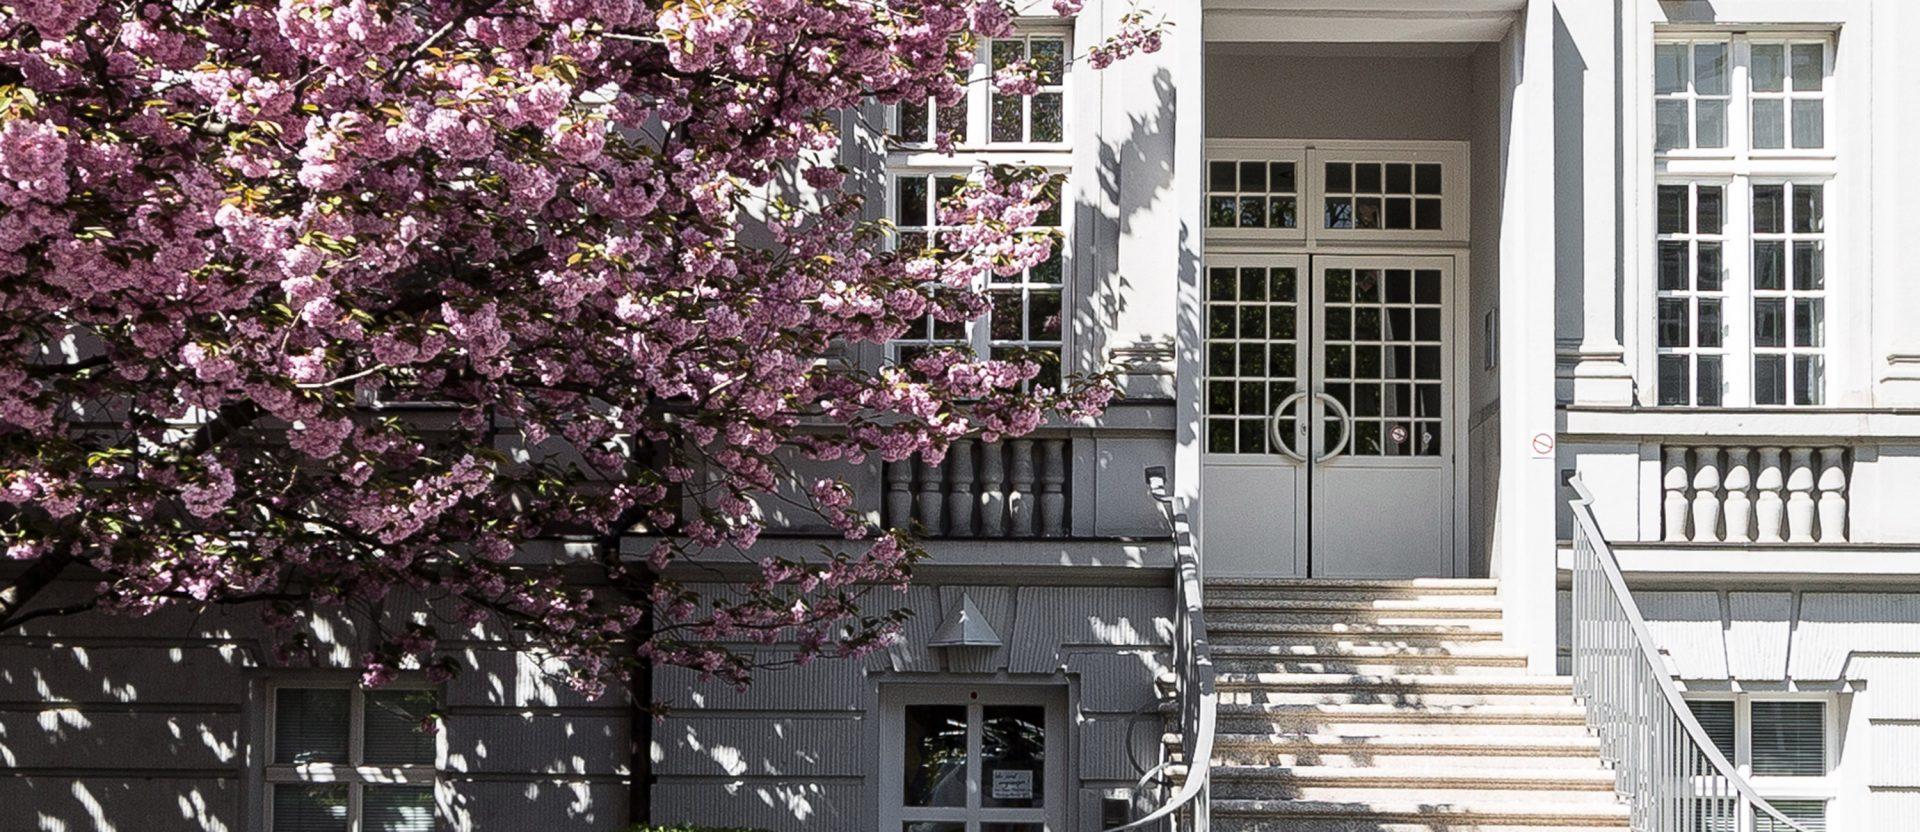 Eingangstür des Bürokomplexes in der Leisewitzstraße in Hannover